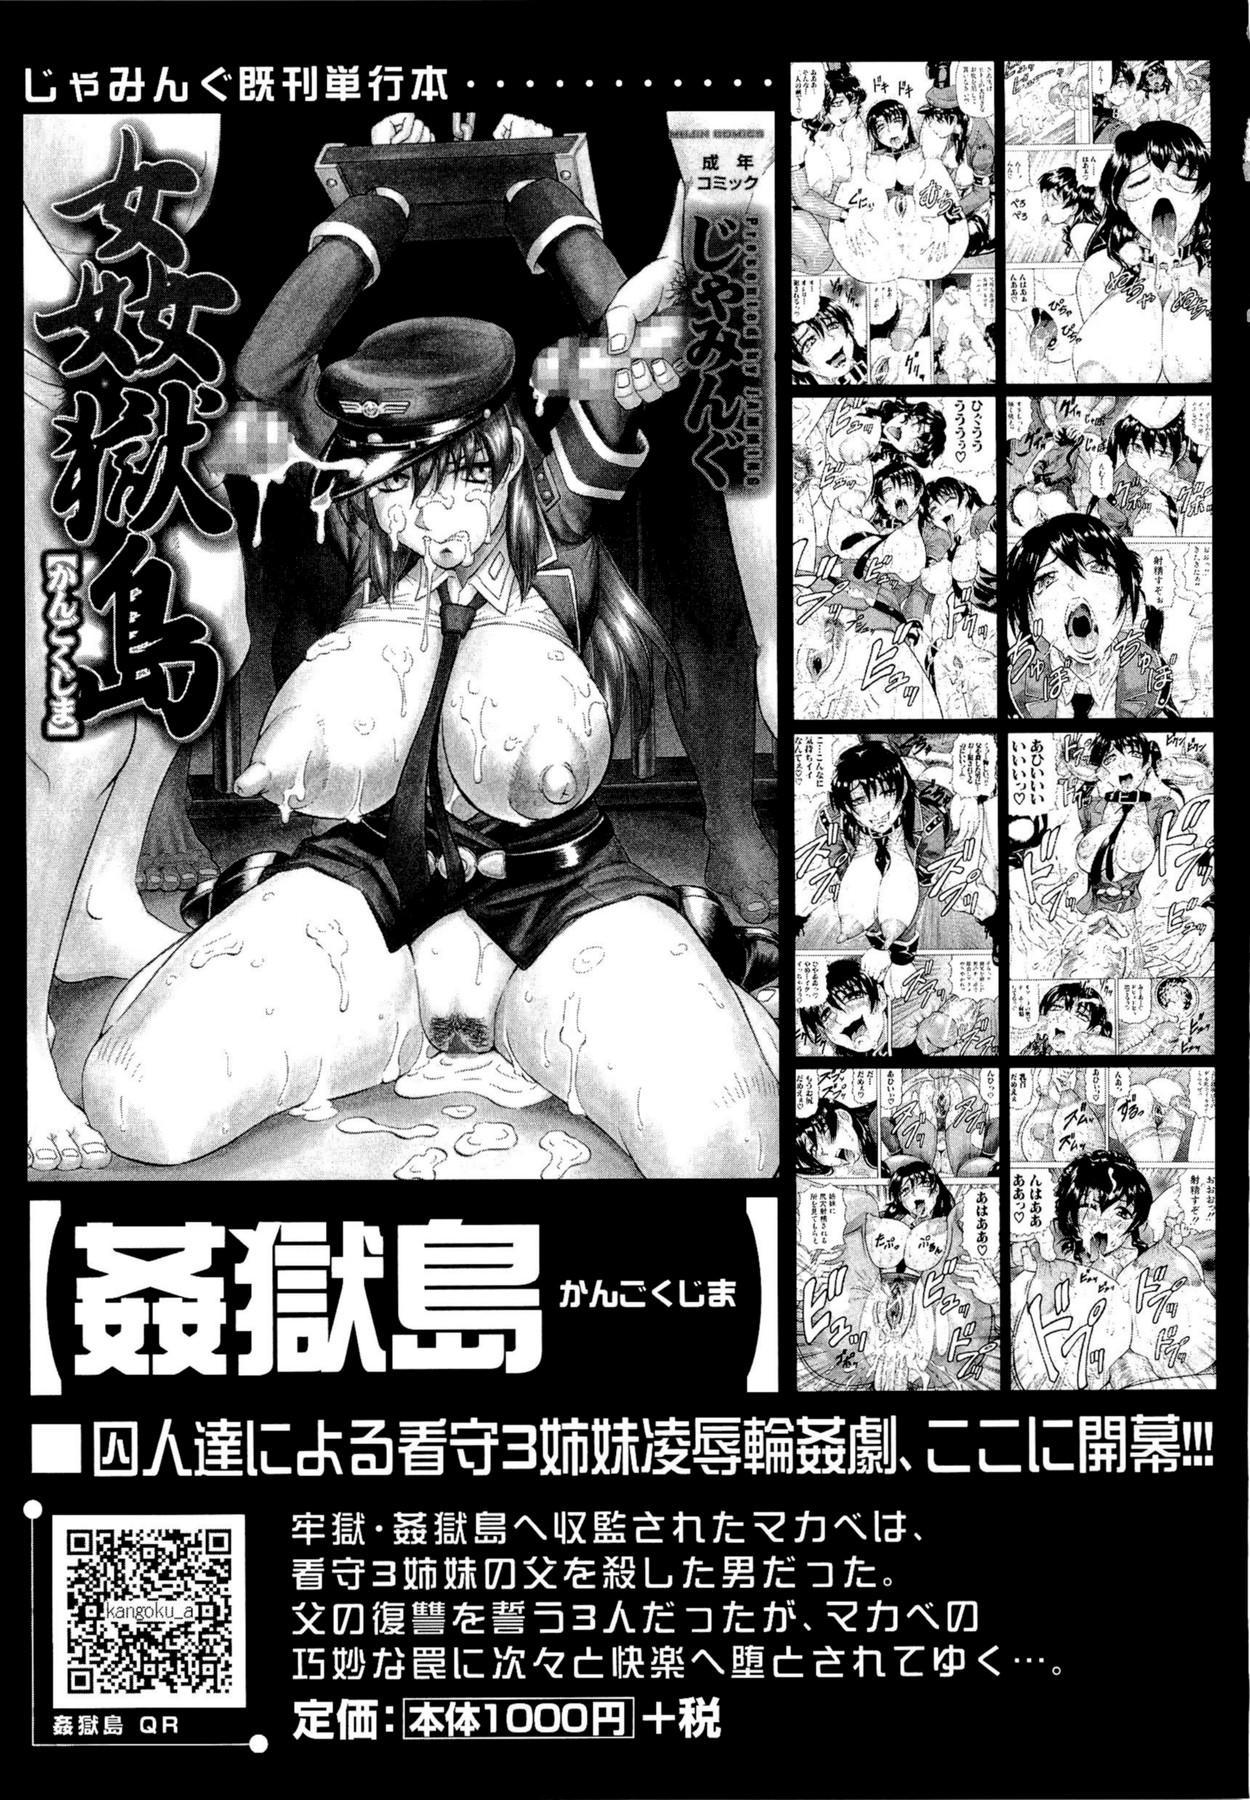 [Jamming] Koibito ha Tonari no Oneesan (Hatsujyouki) | My Lover is the Girl Next Door [English] {Tadanohito} 216